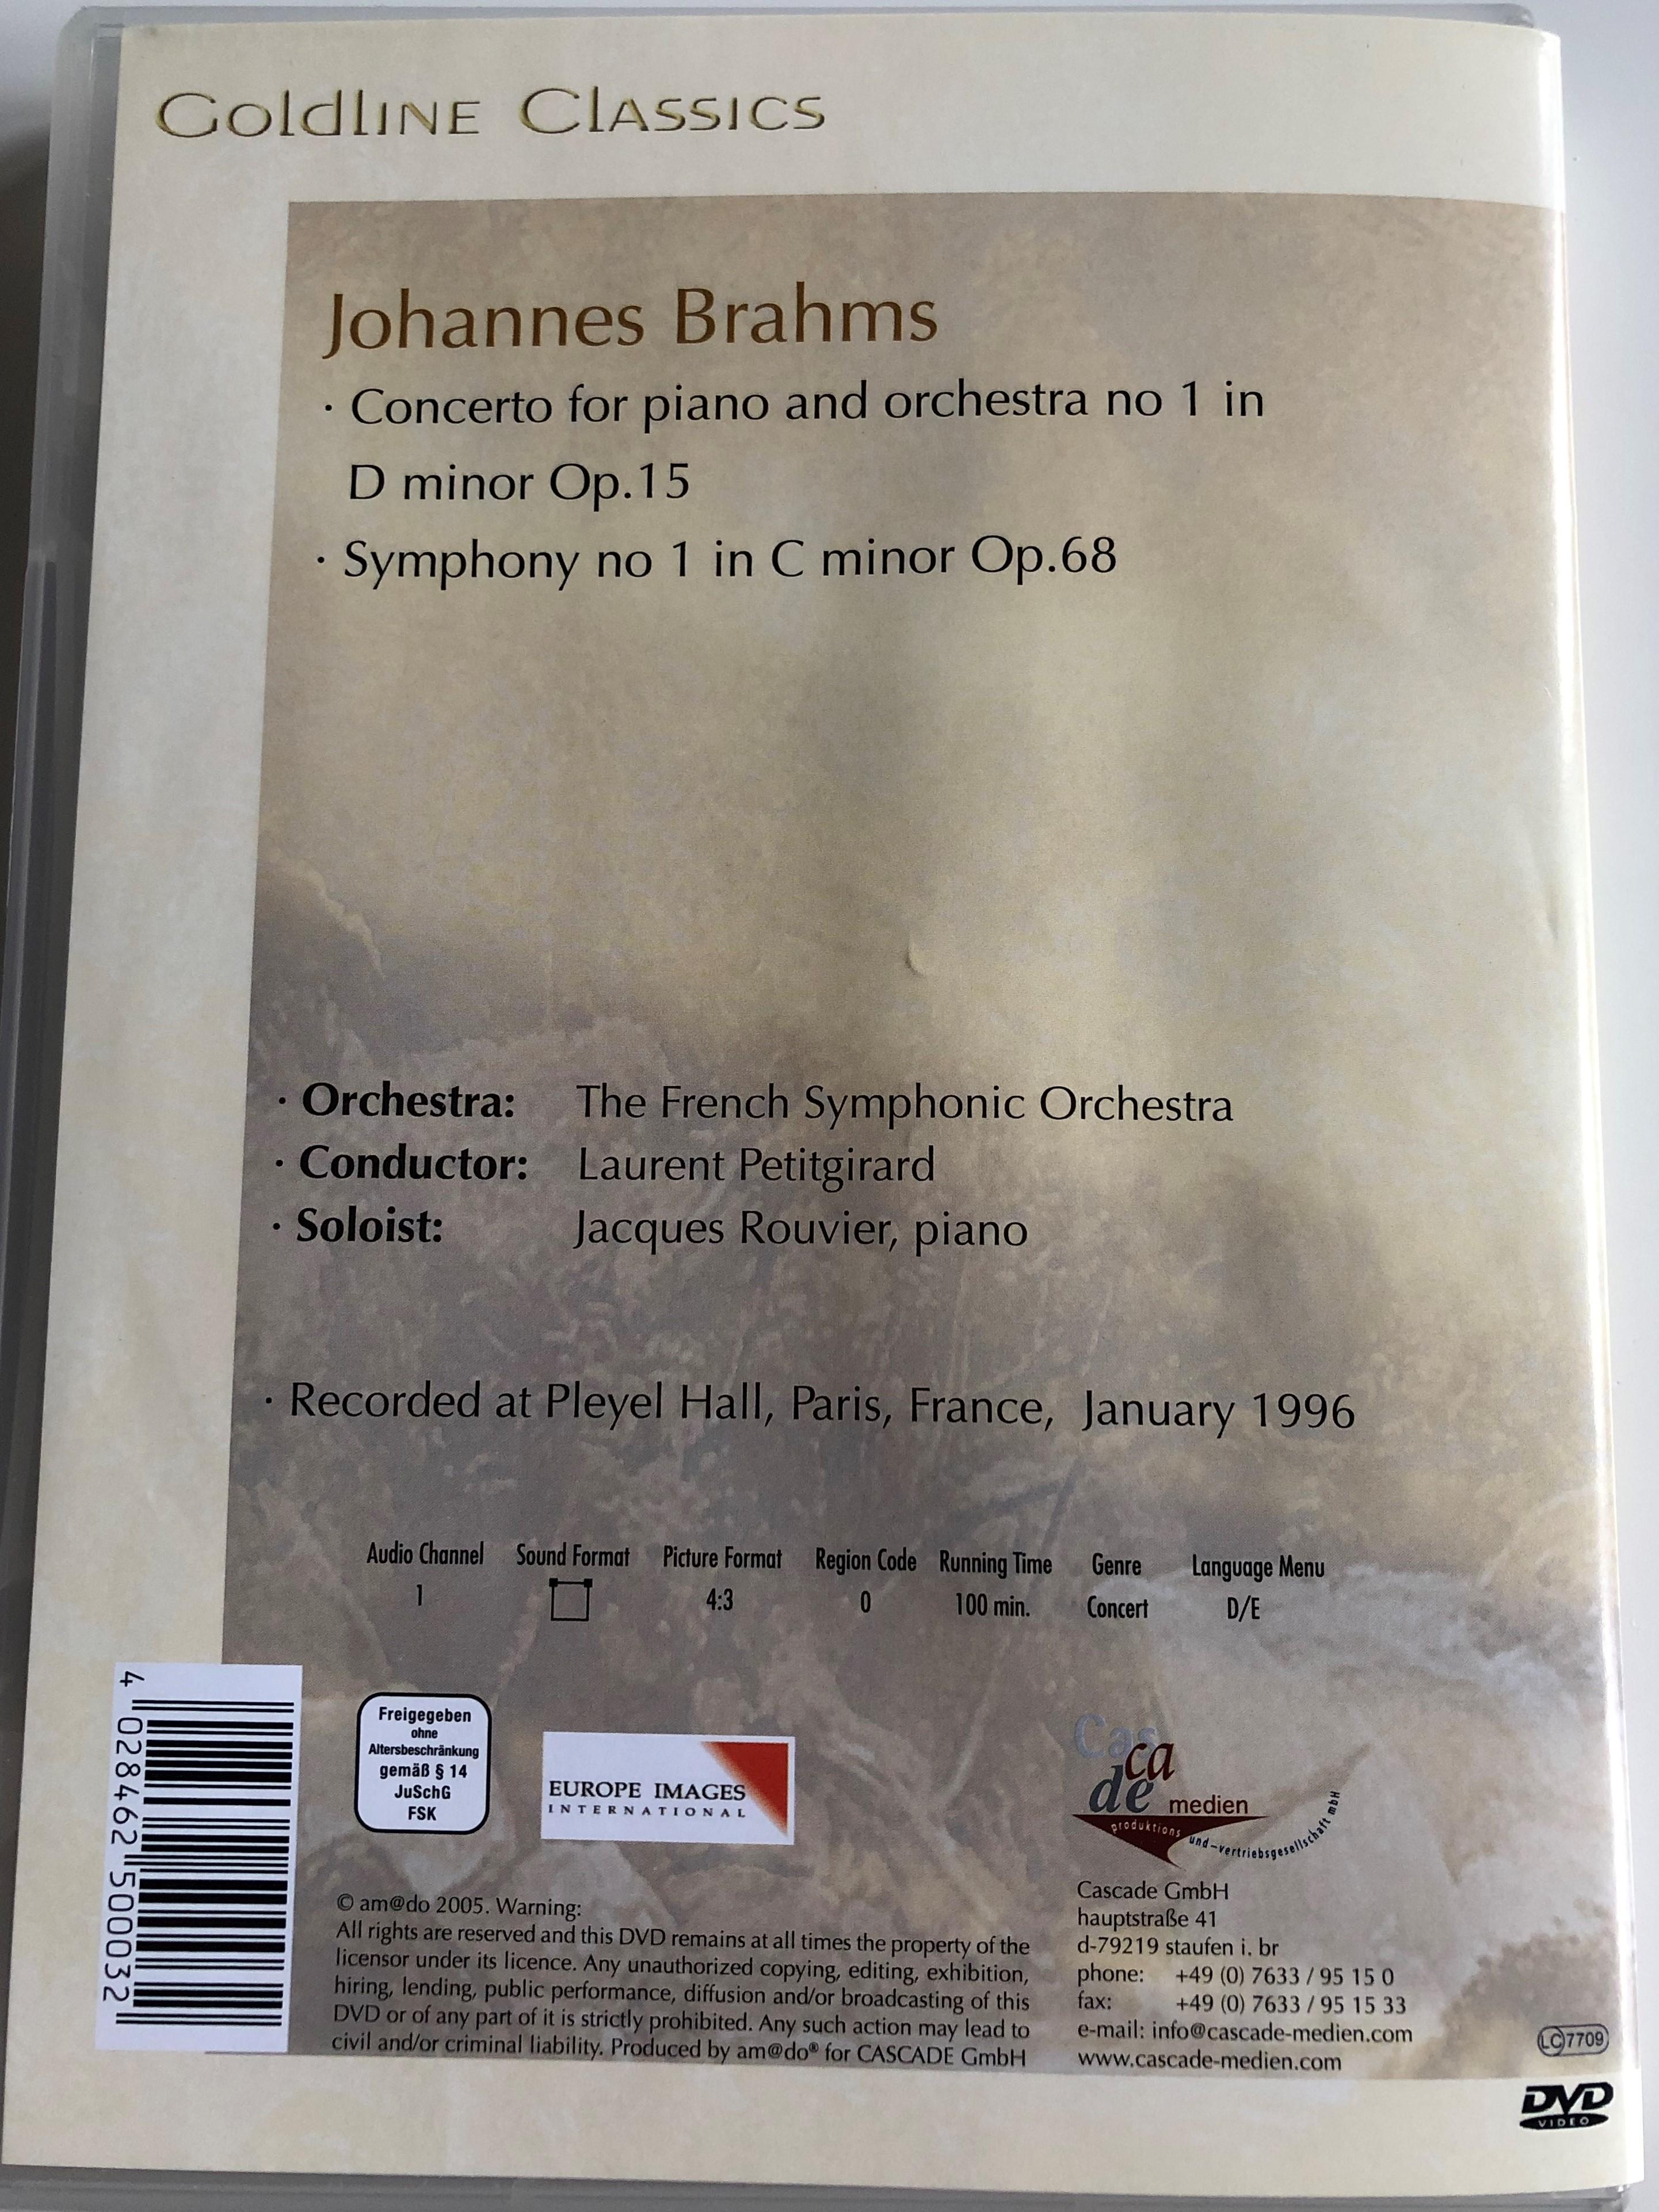 goldline-classics-brahms-dvd-2005-2.jpg